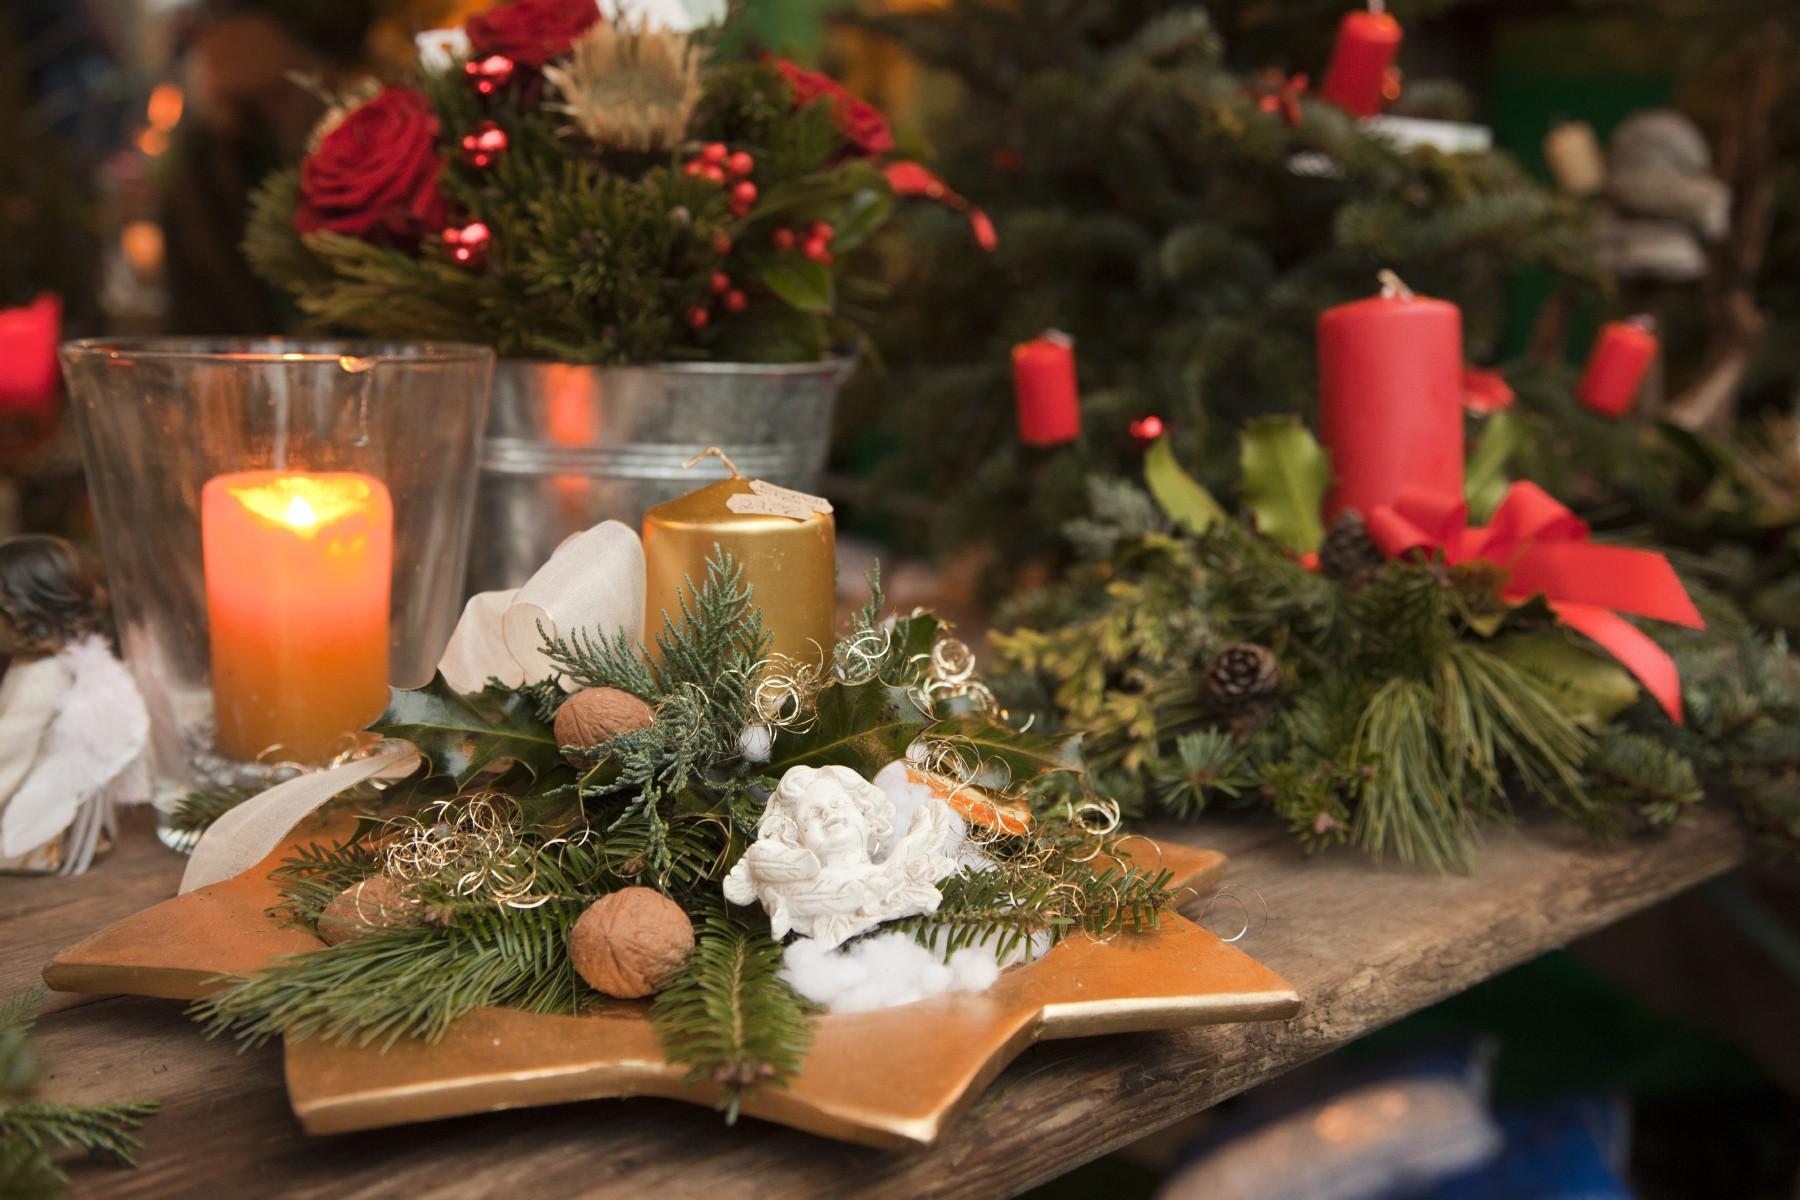 christkindlmarkt-weihnachtsmarkt-weihnachten-advent-kerzen-stern.jpg